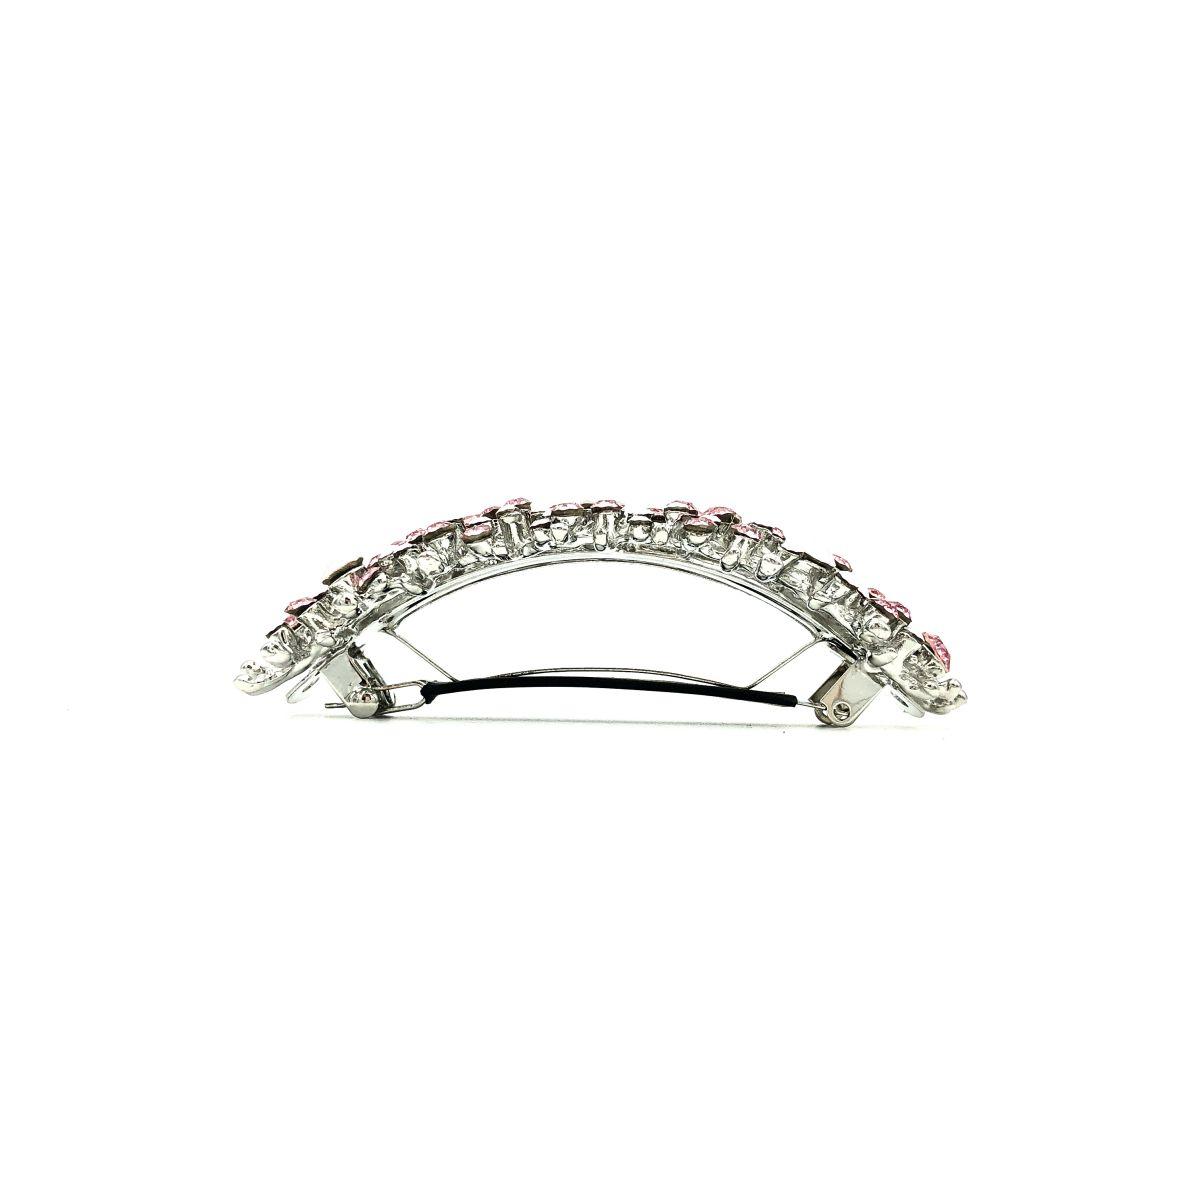 Haarspange 'Carine' Strass rosa/silber - groß, gebogen